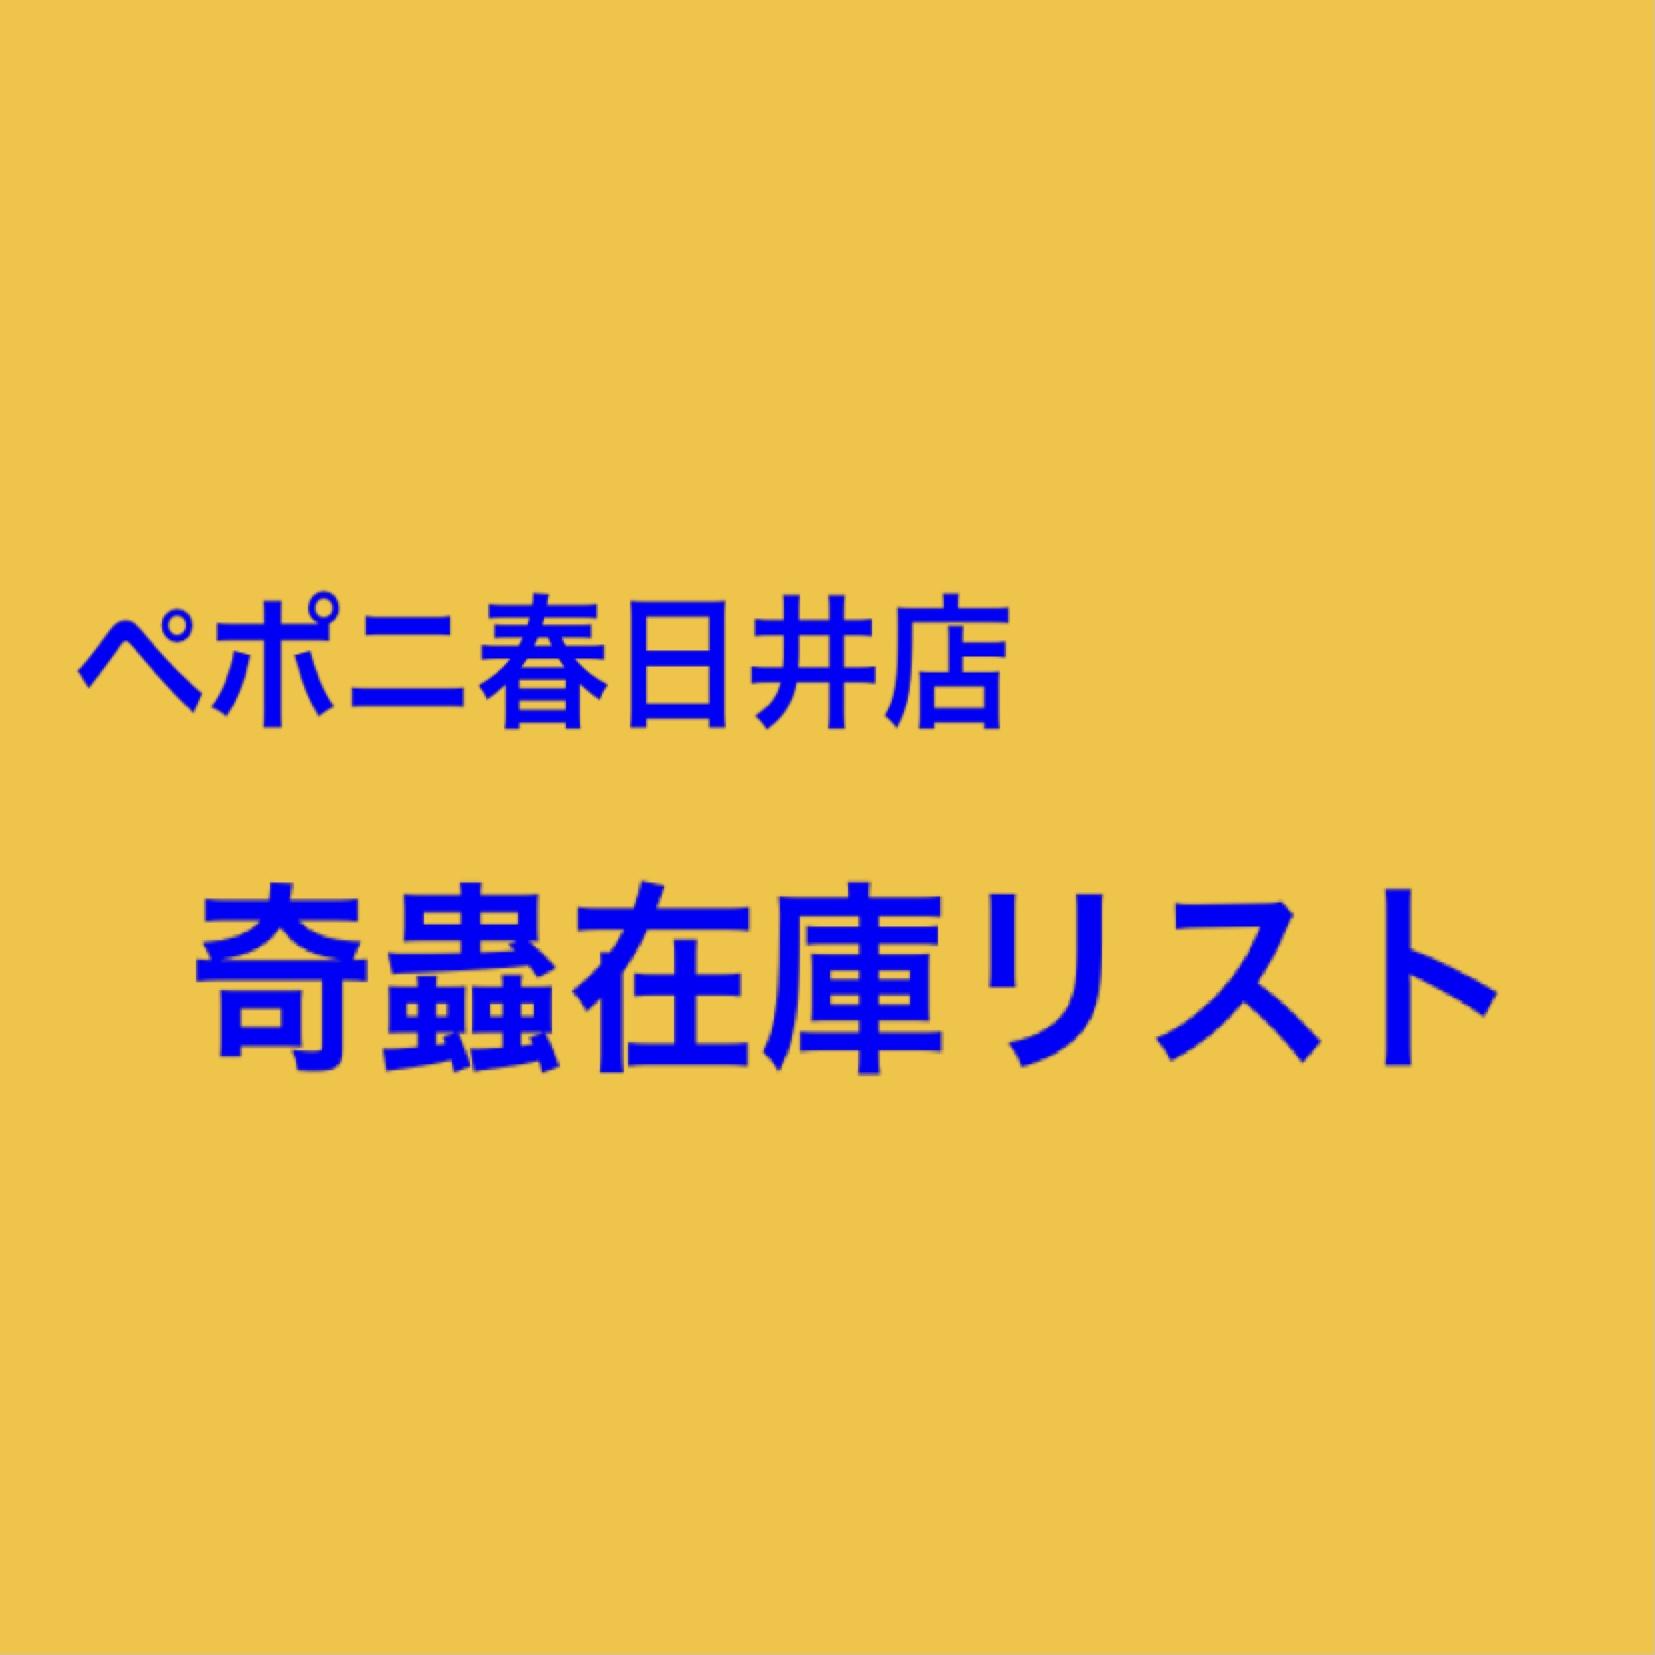 【春ペポニ】店内在庫リスト(奇蟲編)